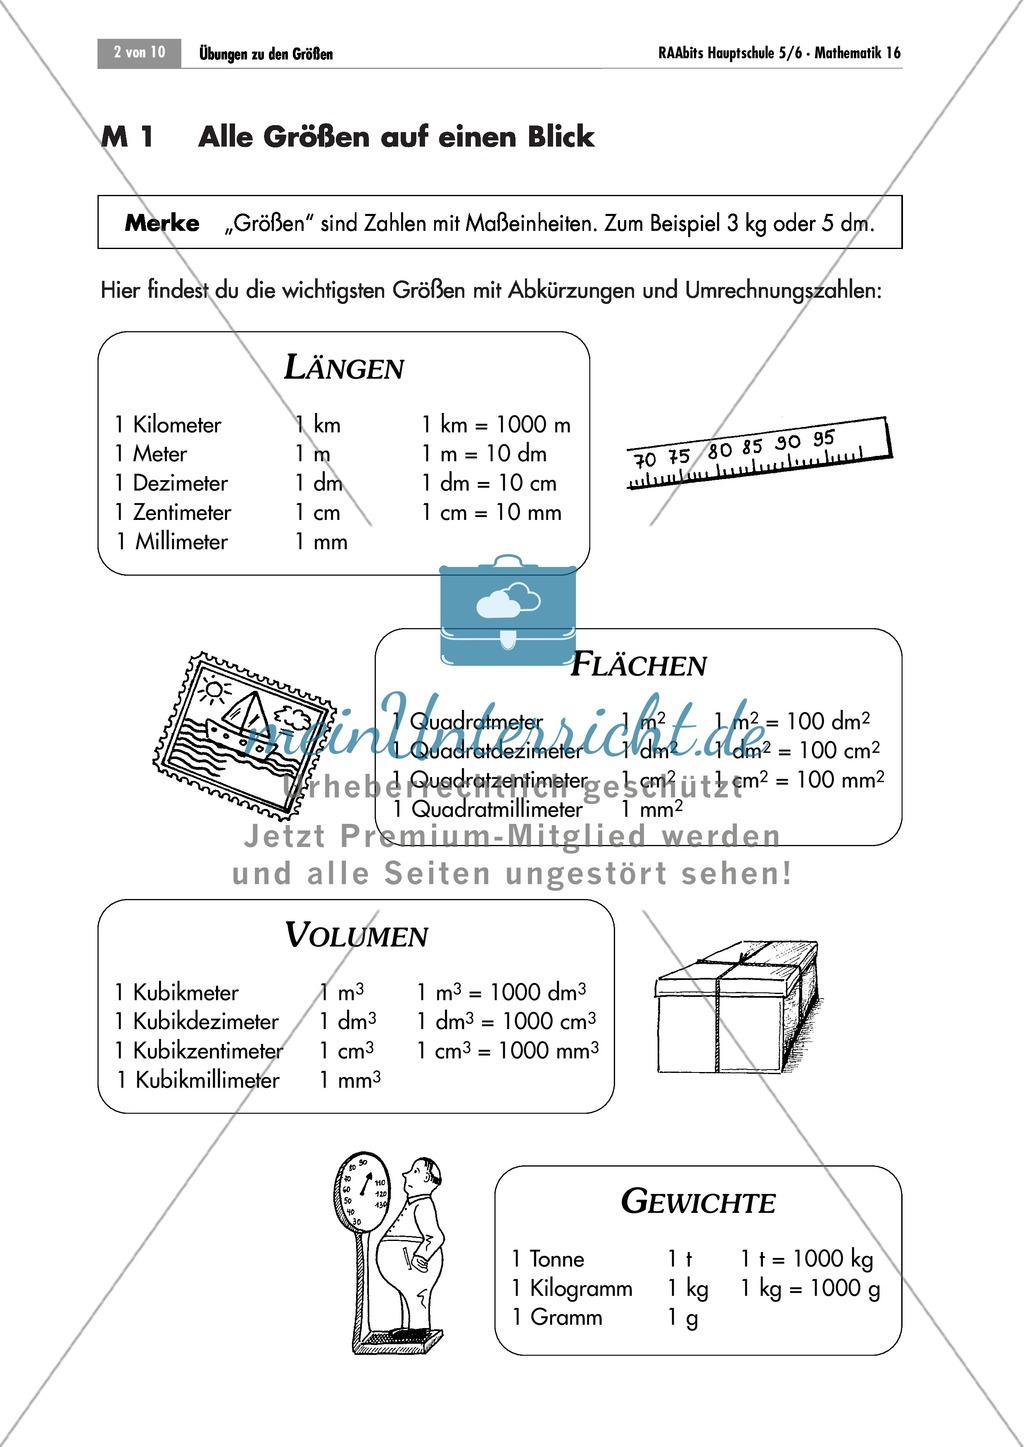 Größen: Übersichtsblatt mit den verschiedenen Maßeinheiten für Länge ...